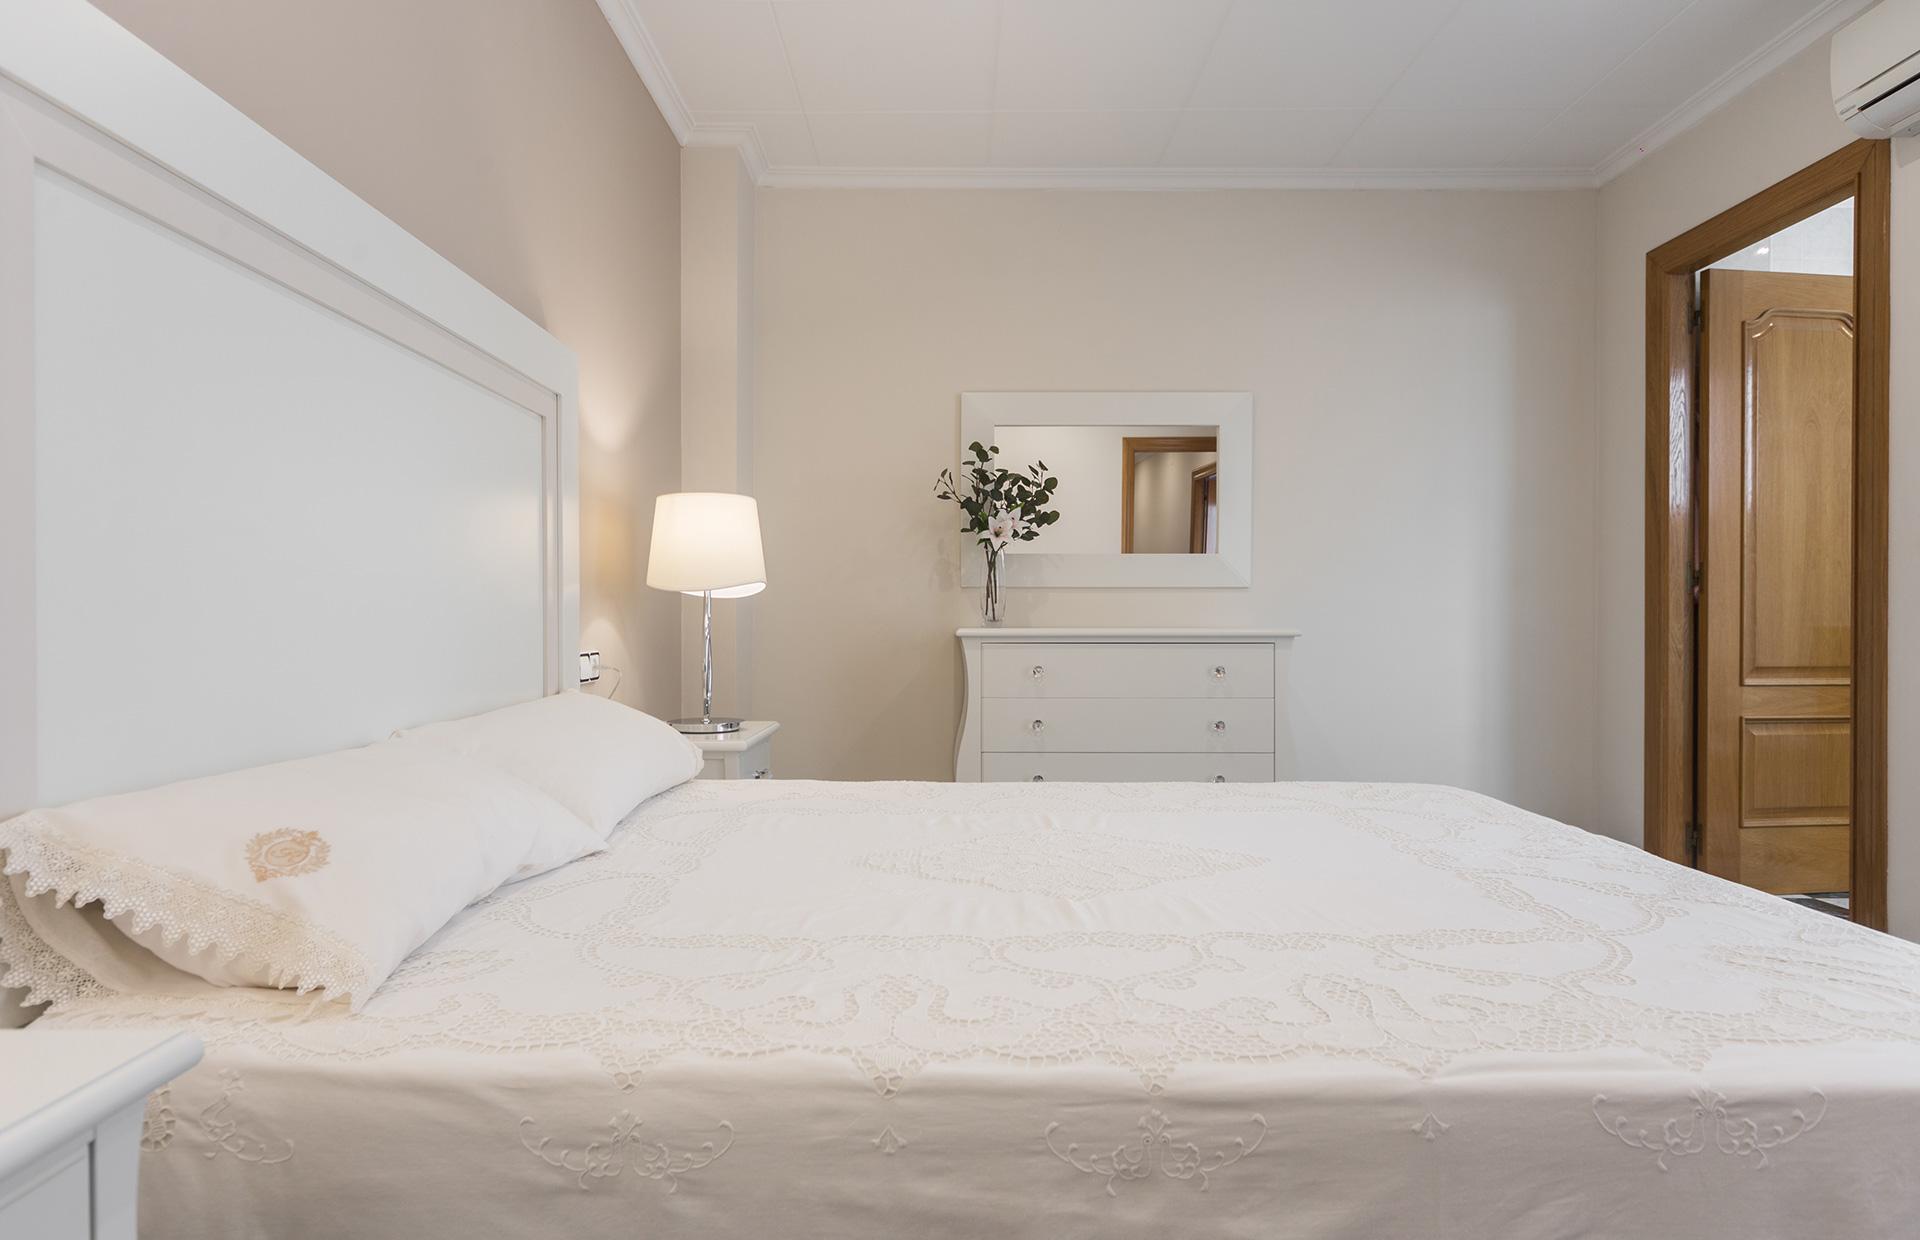 cabezal lacado dormitorio